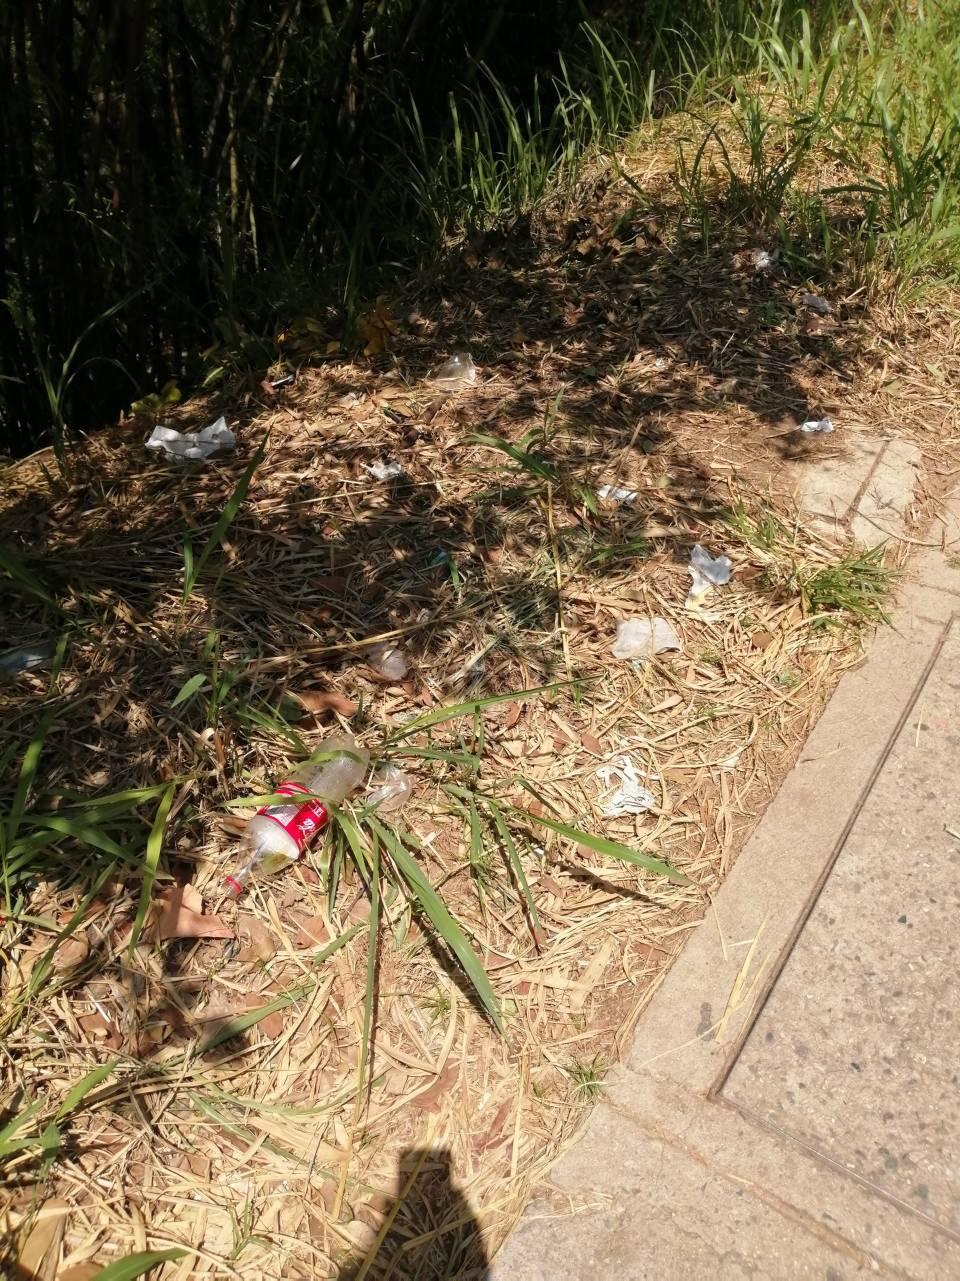 De acuerdo con la denuncia, las calles de Cañaveral se han convertido en el basurero de los ciudadanos. - Suministrada/GENTE DE CAÑAVERAL